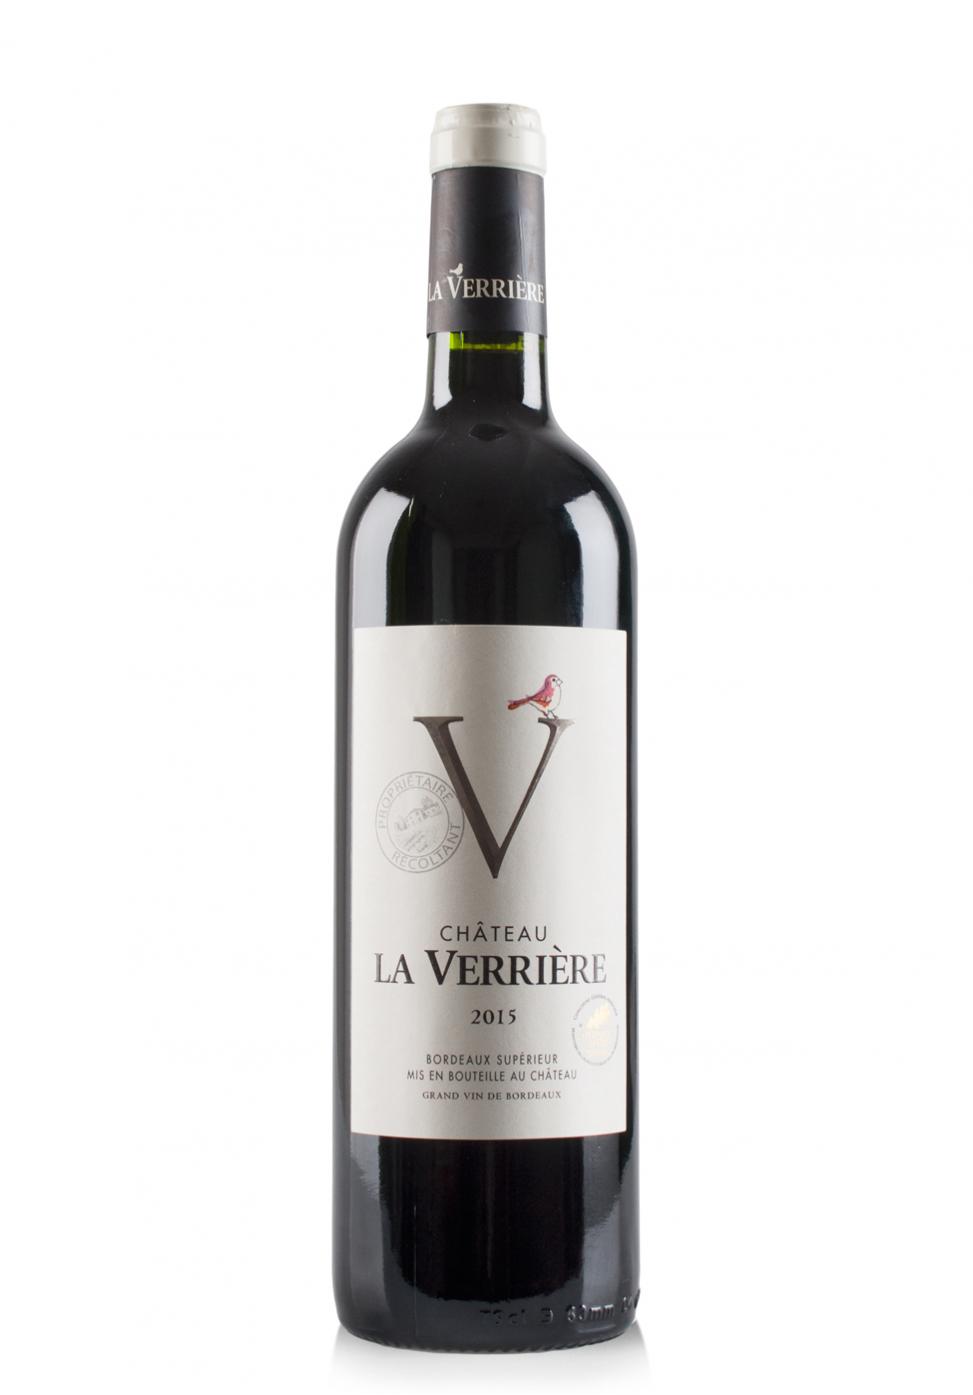 Vin Château La Verrière, Bordeaux Superieur 2016 (0.75L)